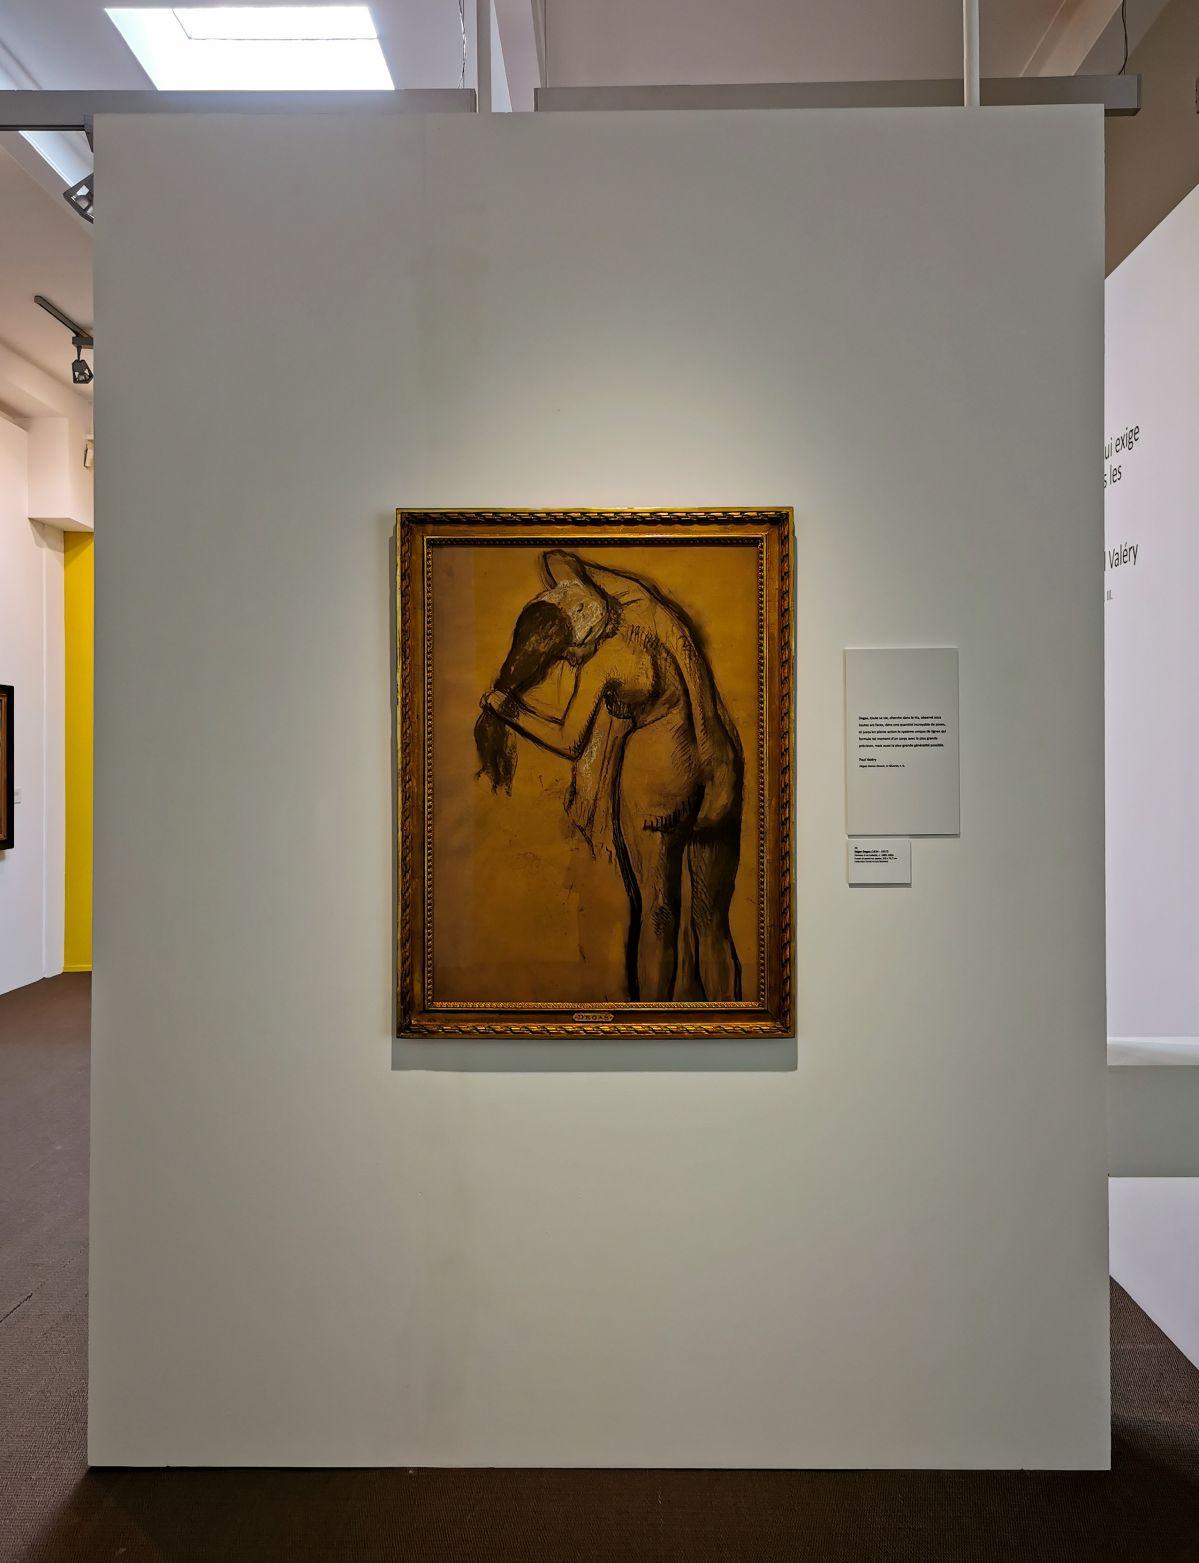 Edgar Degas - Femme à sa toilette, c1895-1903 - Paul Valéry et les peintres - Le cercle amical proche - Musée Paul Valéry à Sète